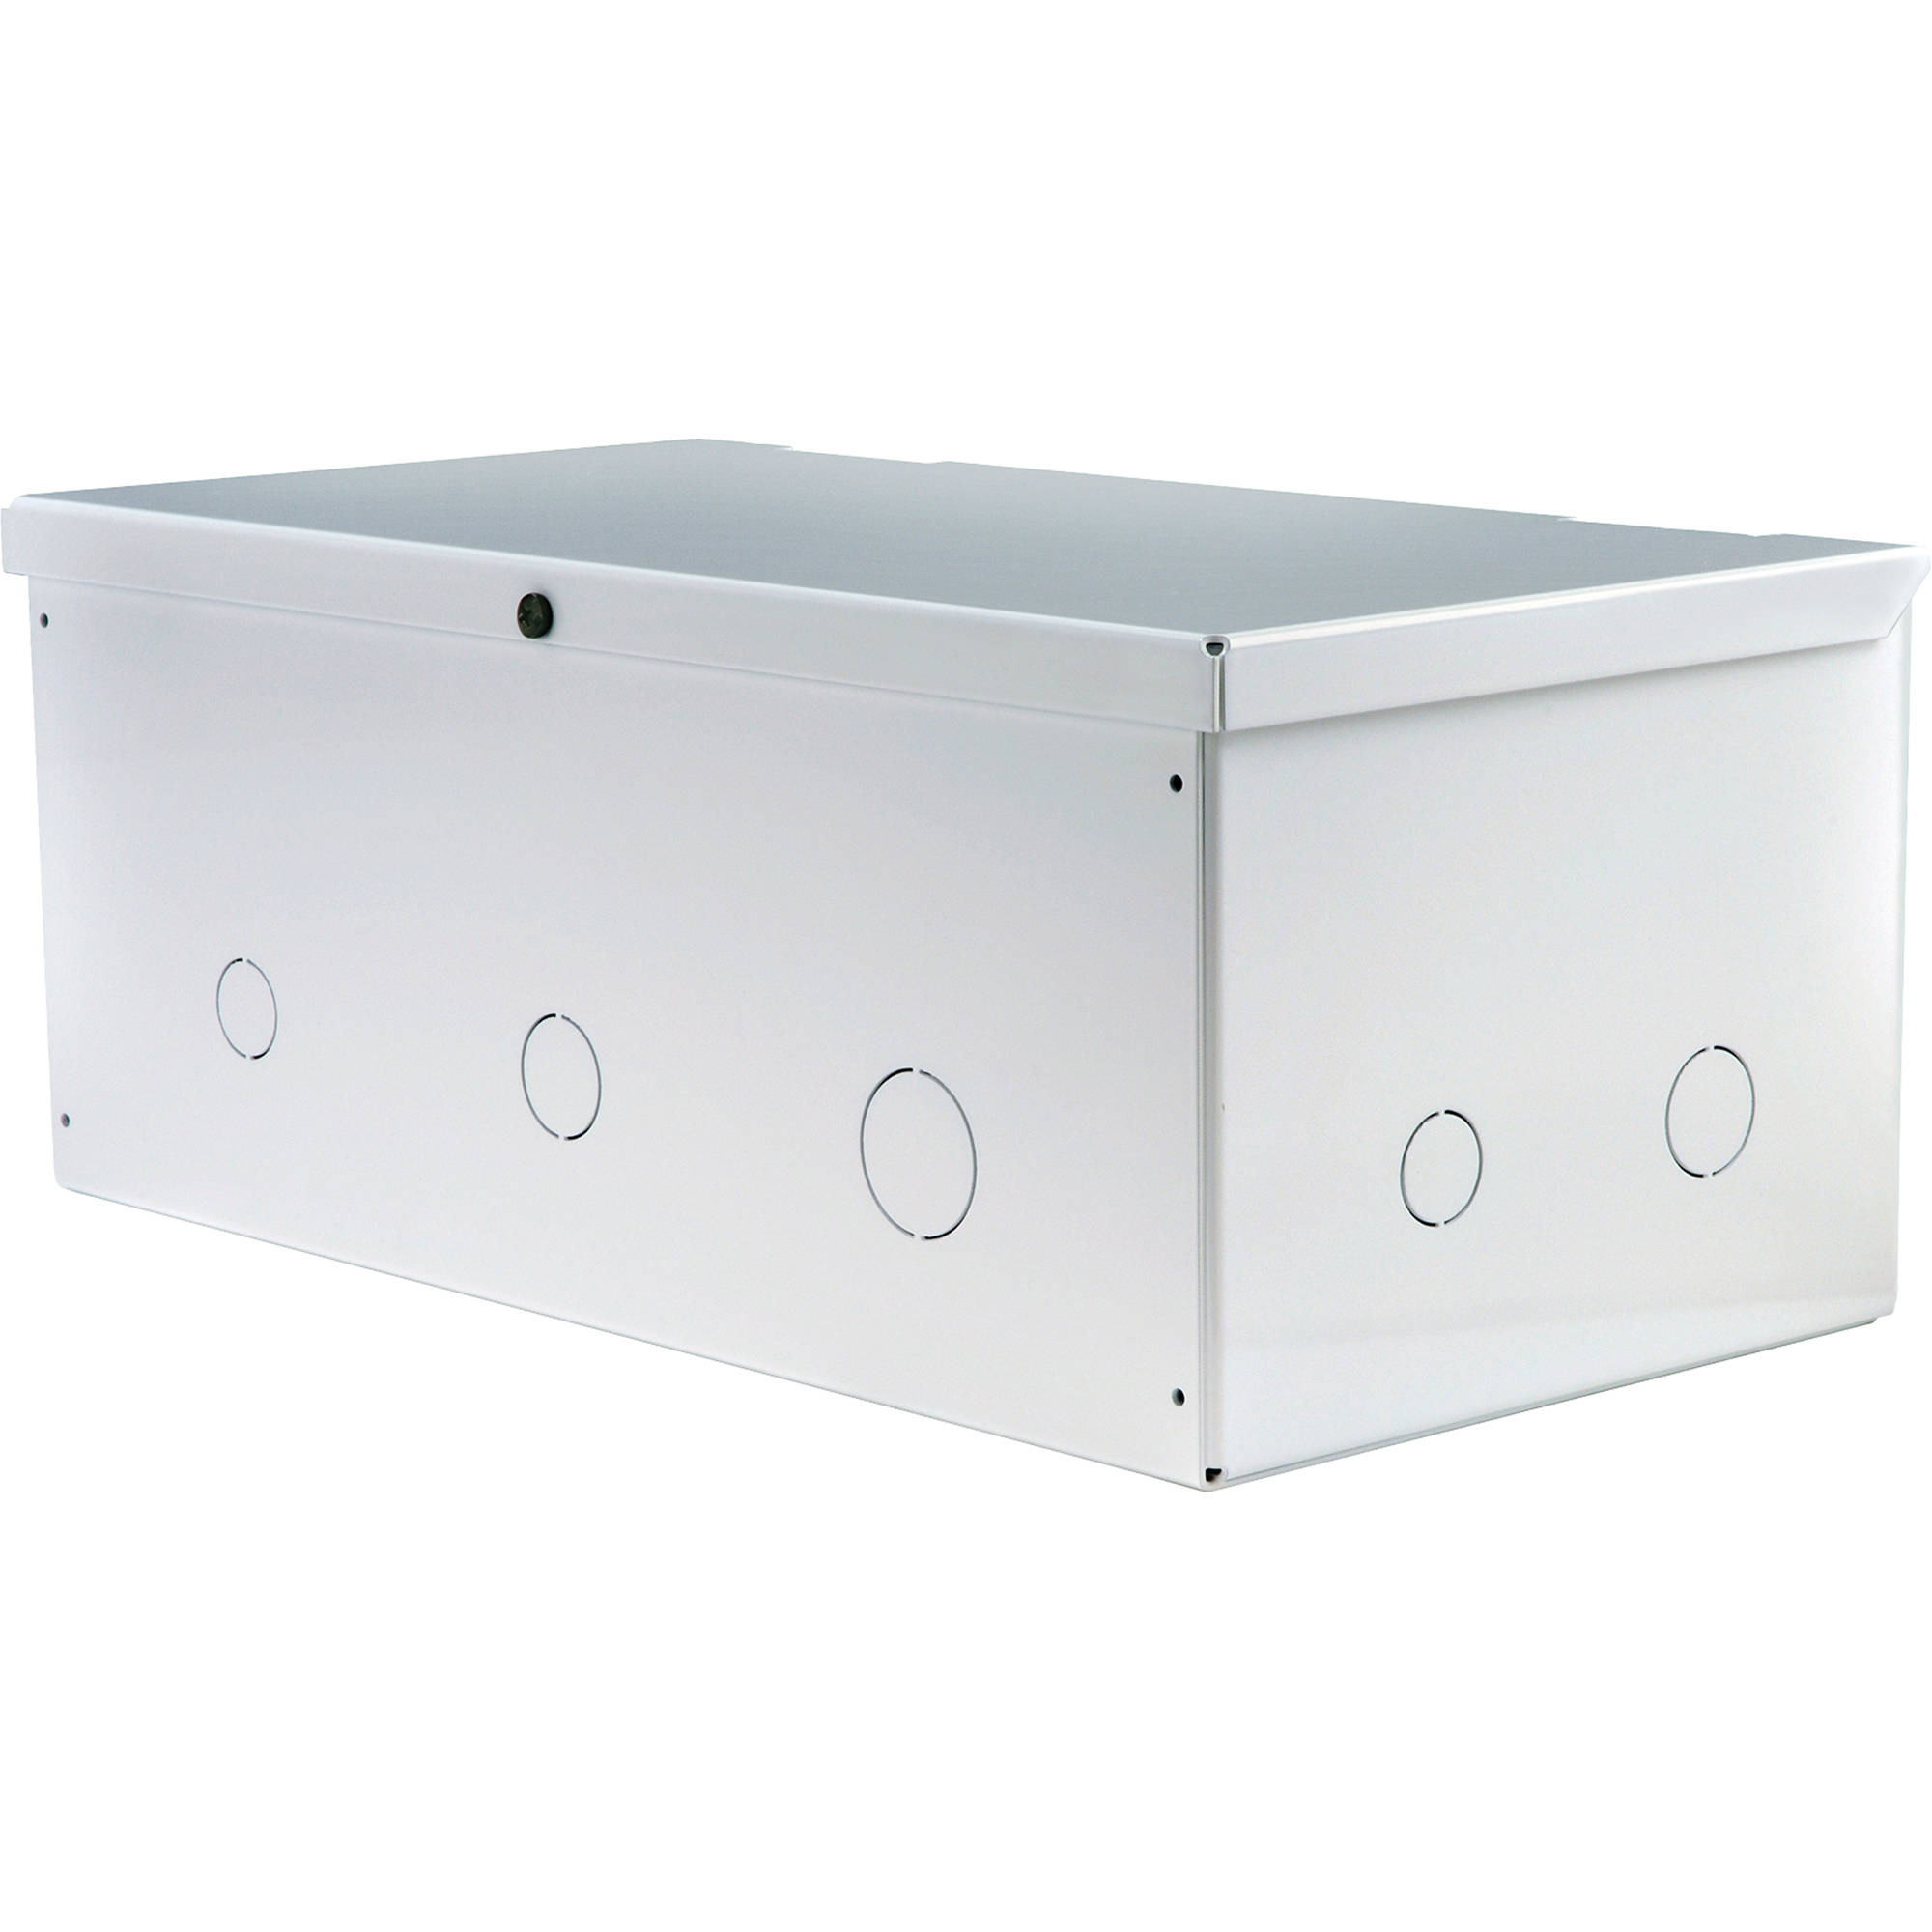 Peerless Av Plenum Box For Cmj500 455 453 Amp 450 Pb 1 B Amp H